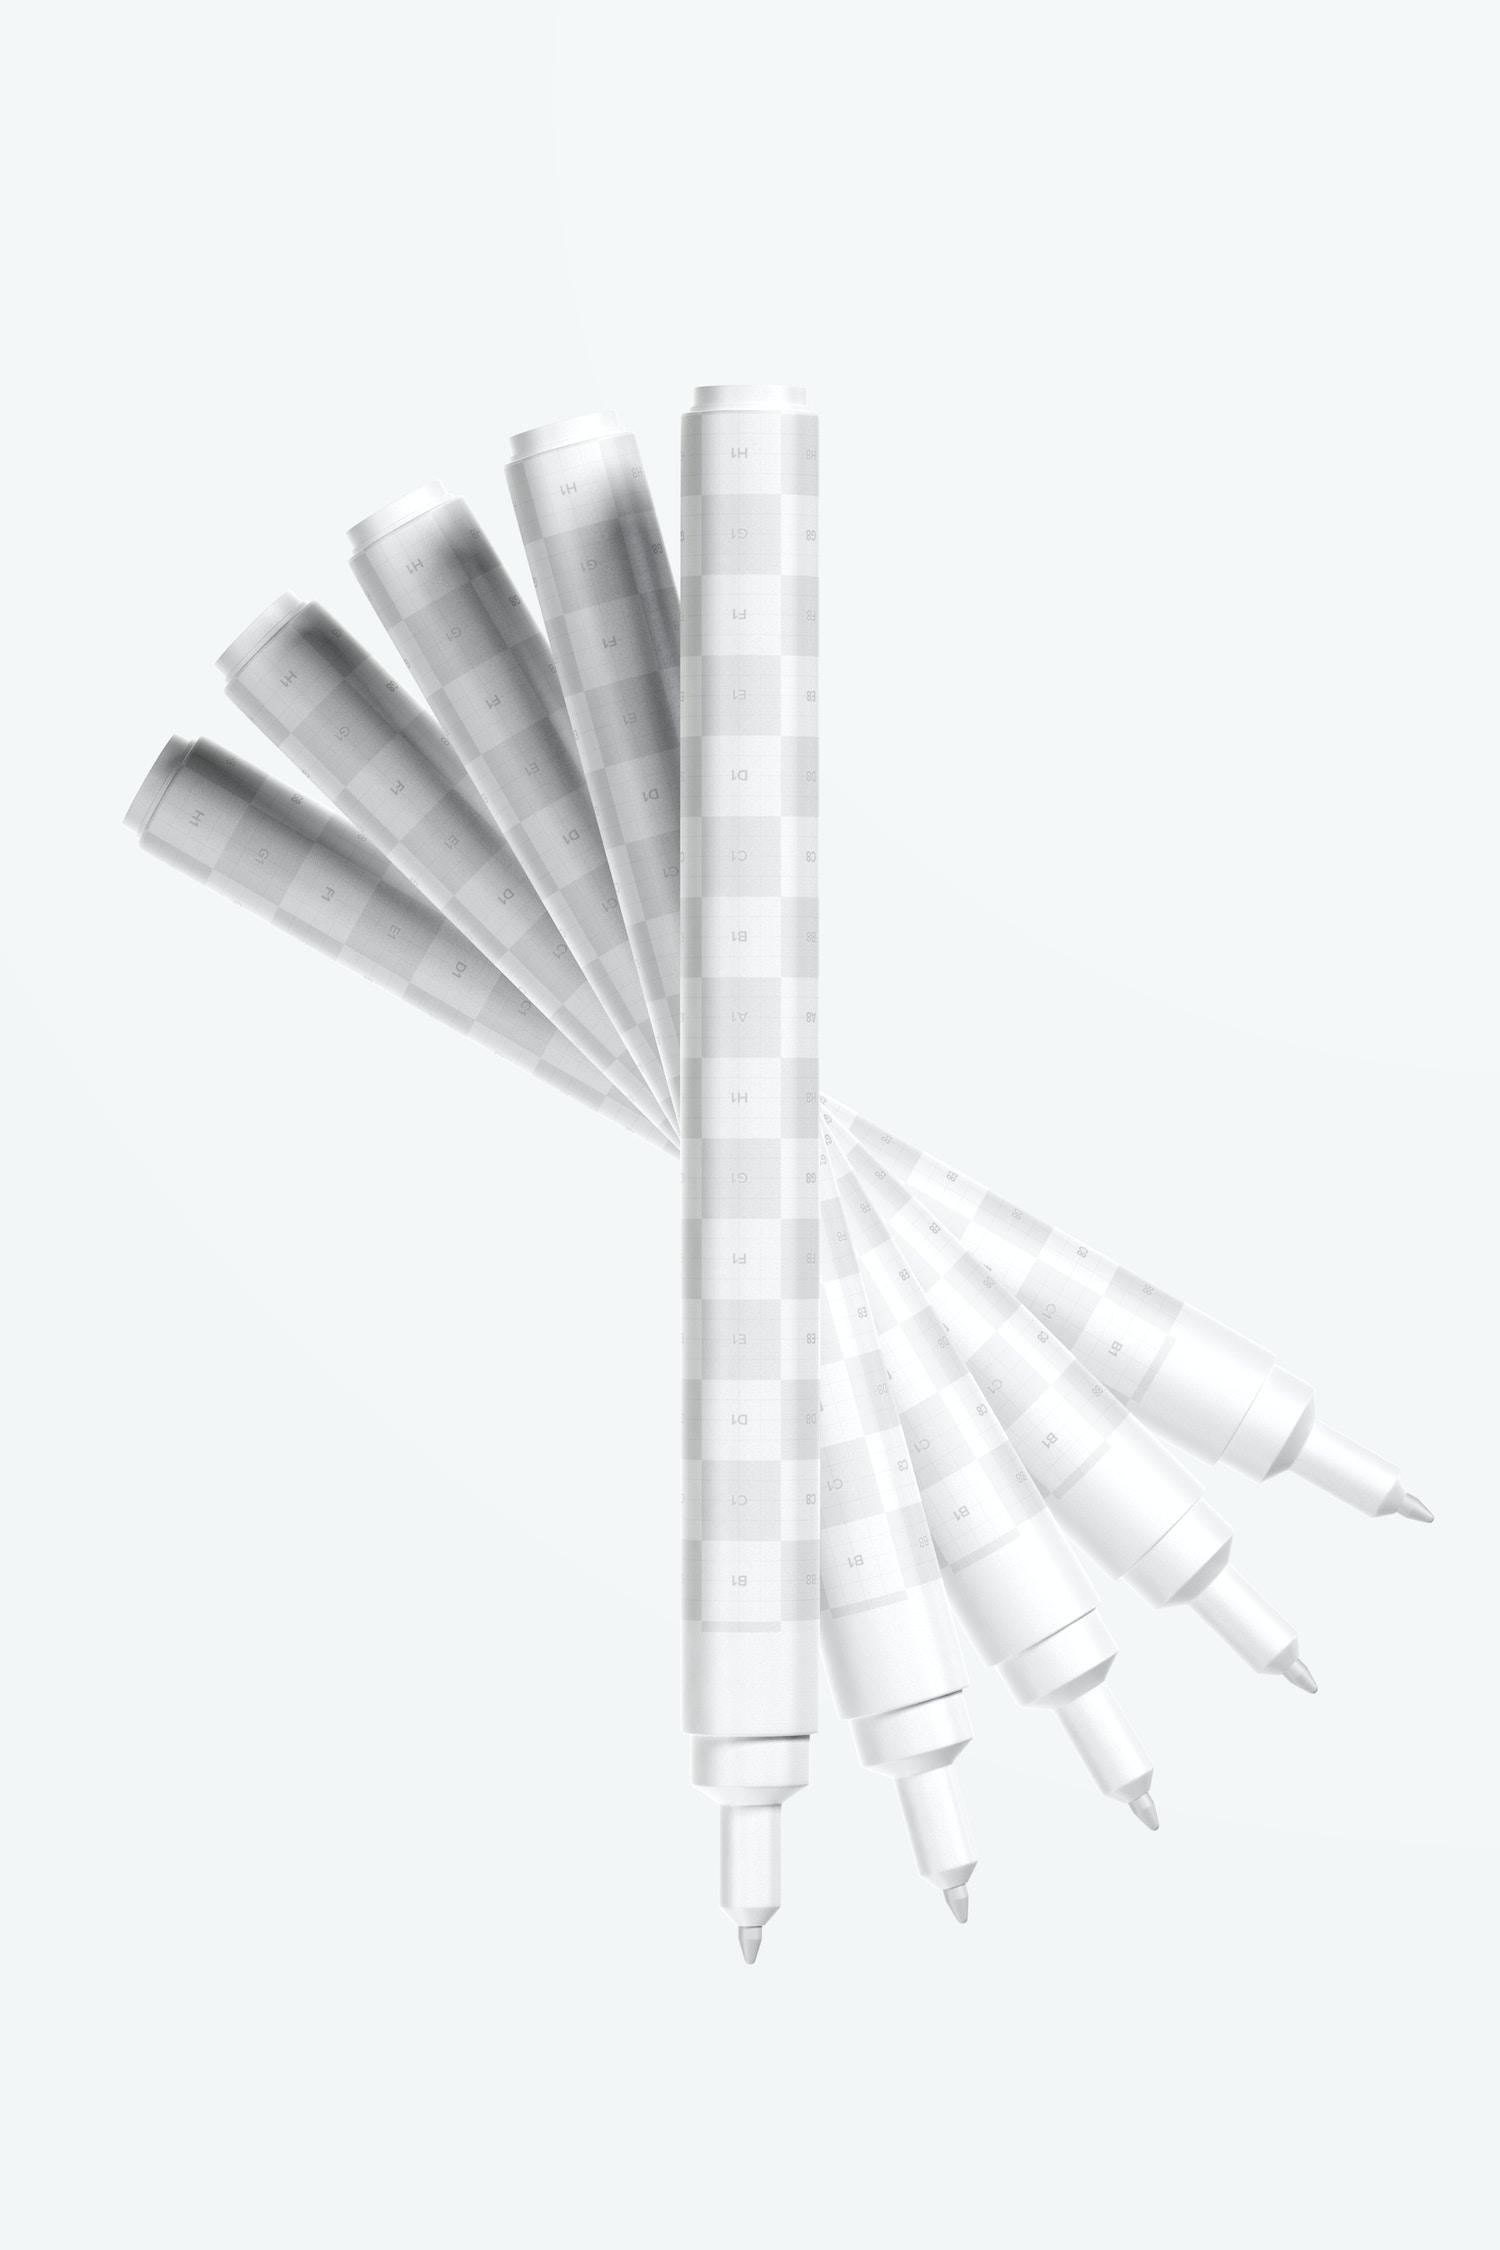 Matte Plastic Marker Pens Set Mockup